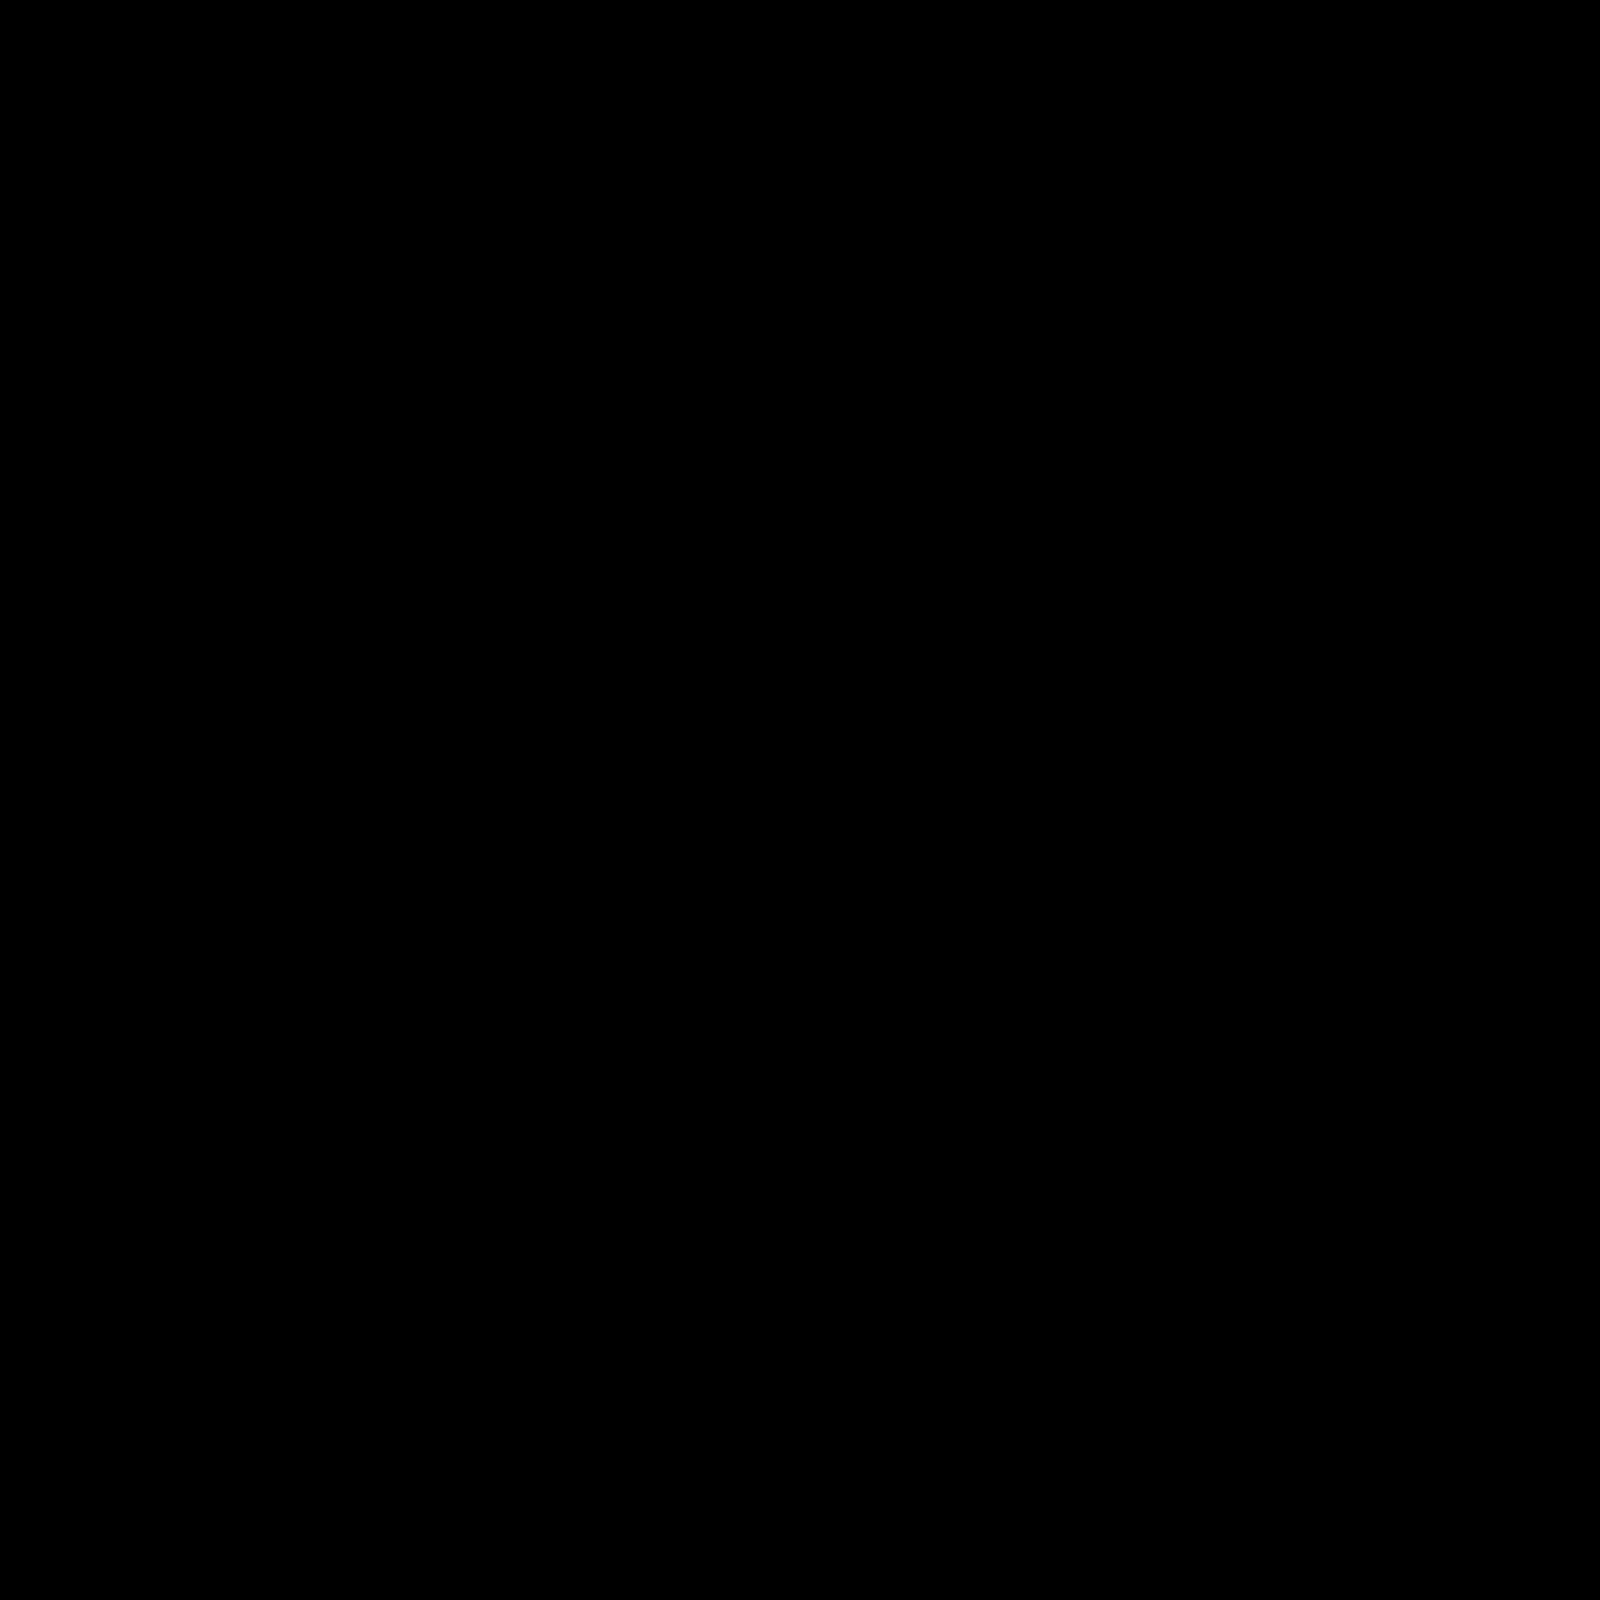 マーカー icon. The icon is described as a marker and is an arrow shape pointing downward with a round base, which could also be described as a pin. This icon would normally see as marking a position on a digital map.